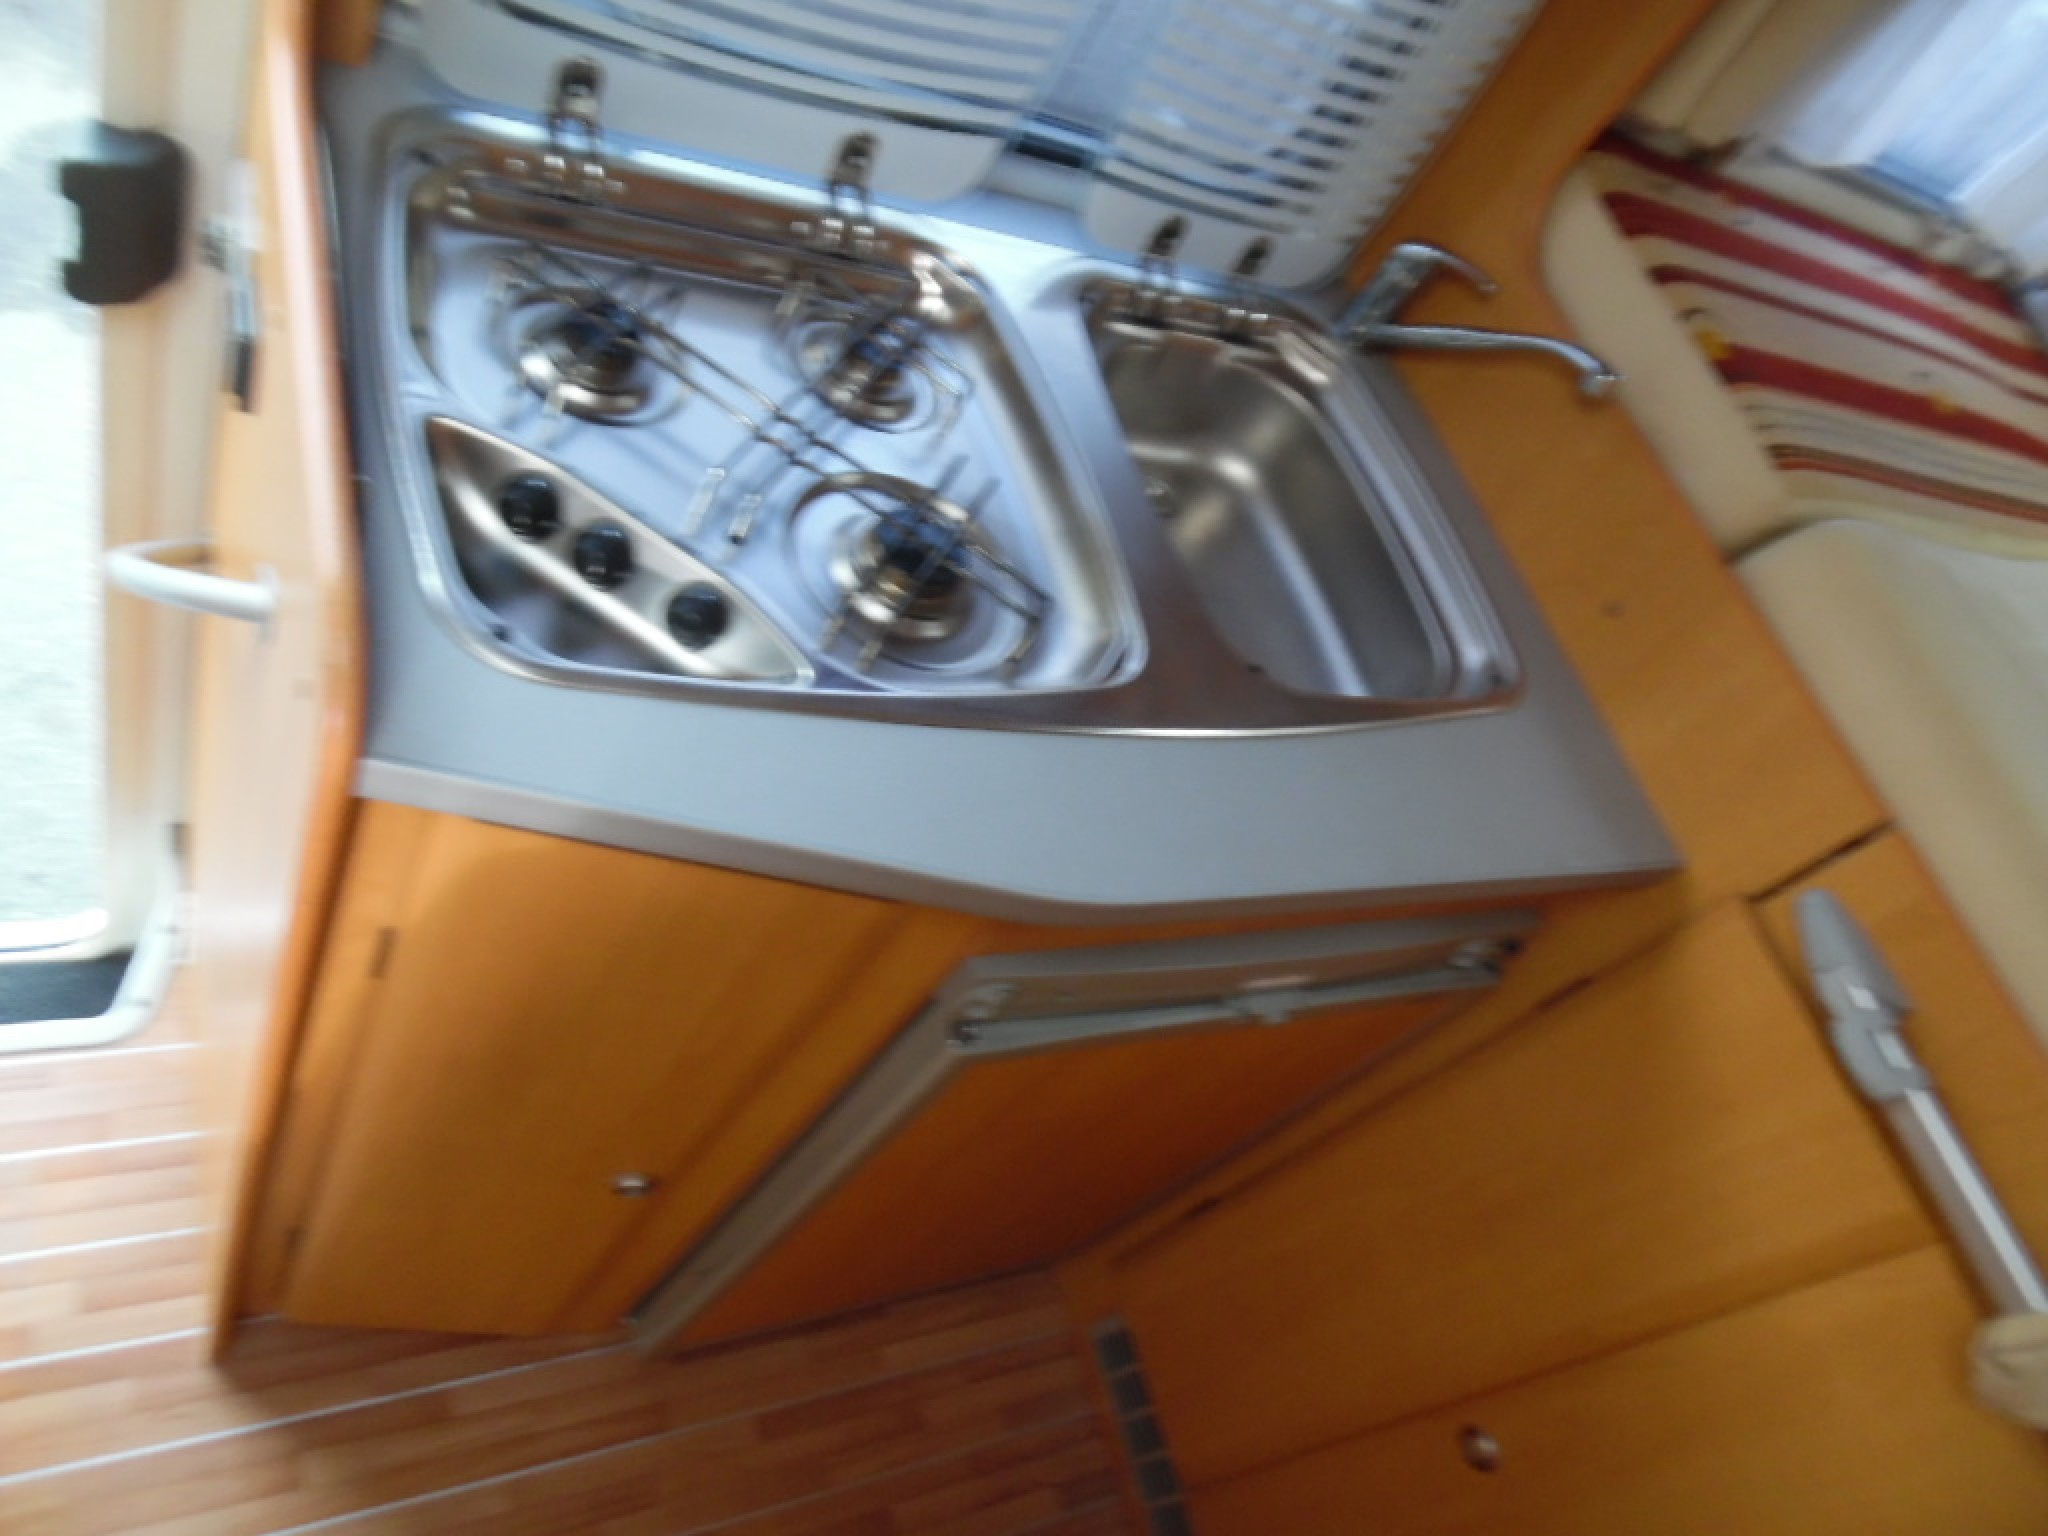 ci elliot van occasion de 2010 fiat camping car en vente toulouse haute garonne 31. Black Bedroom Furniture Sets. Home Design Ideas